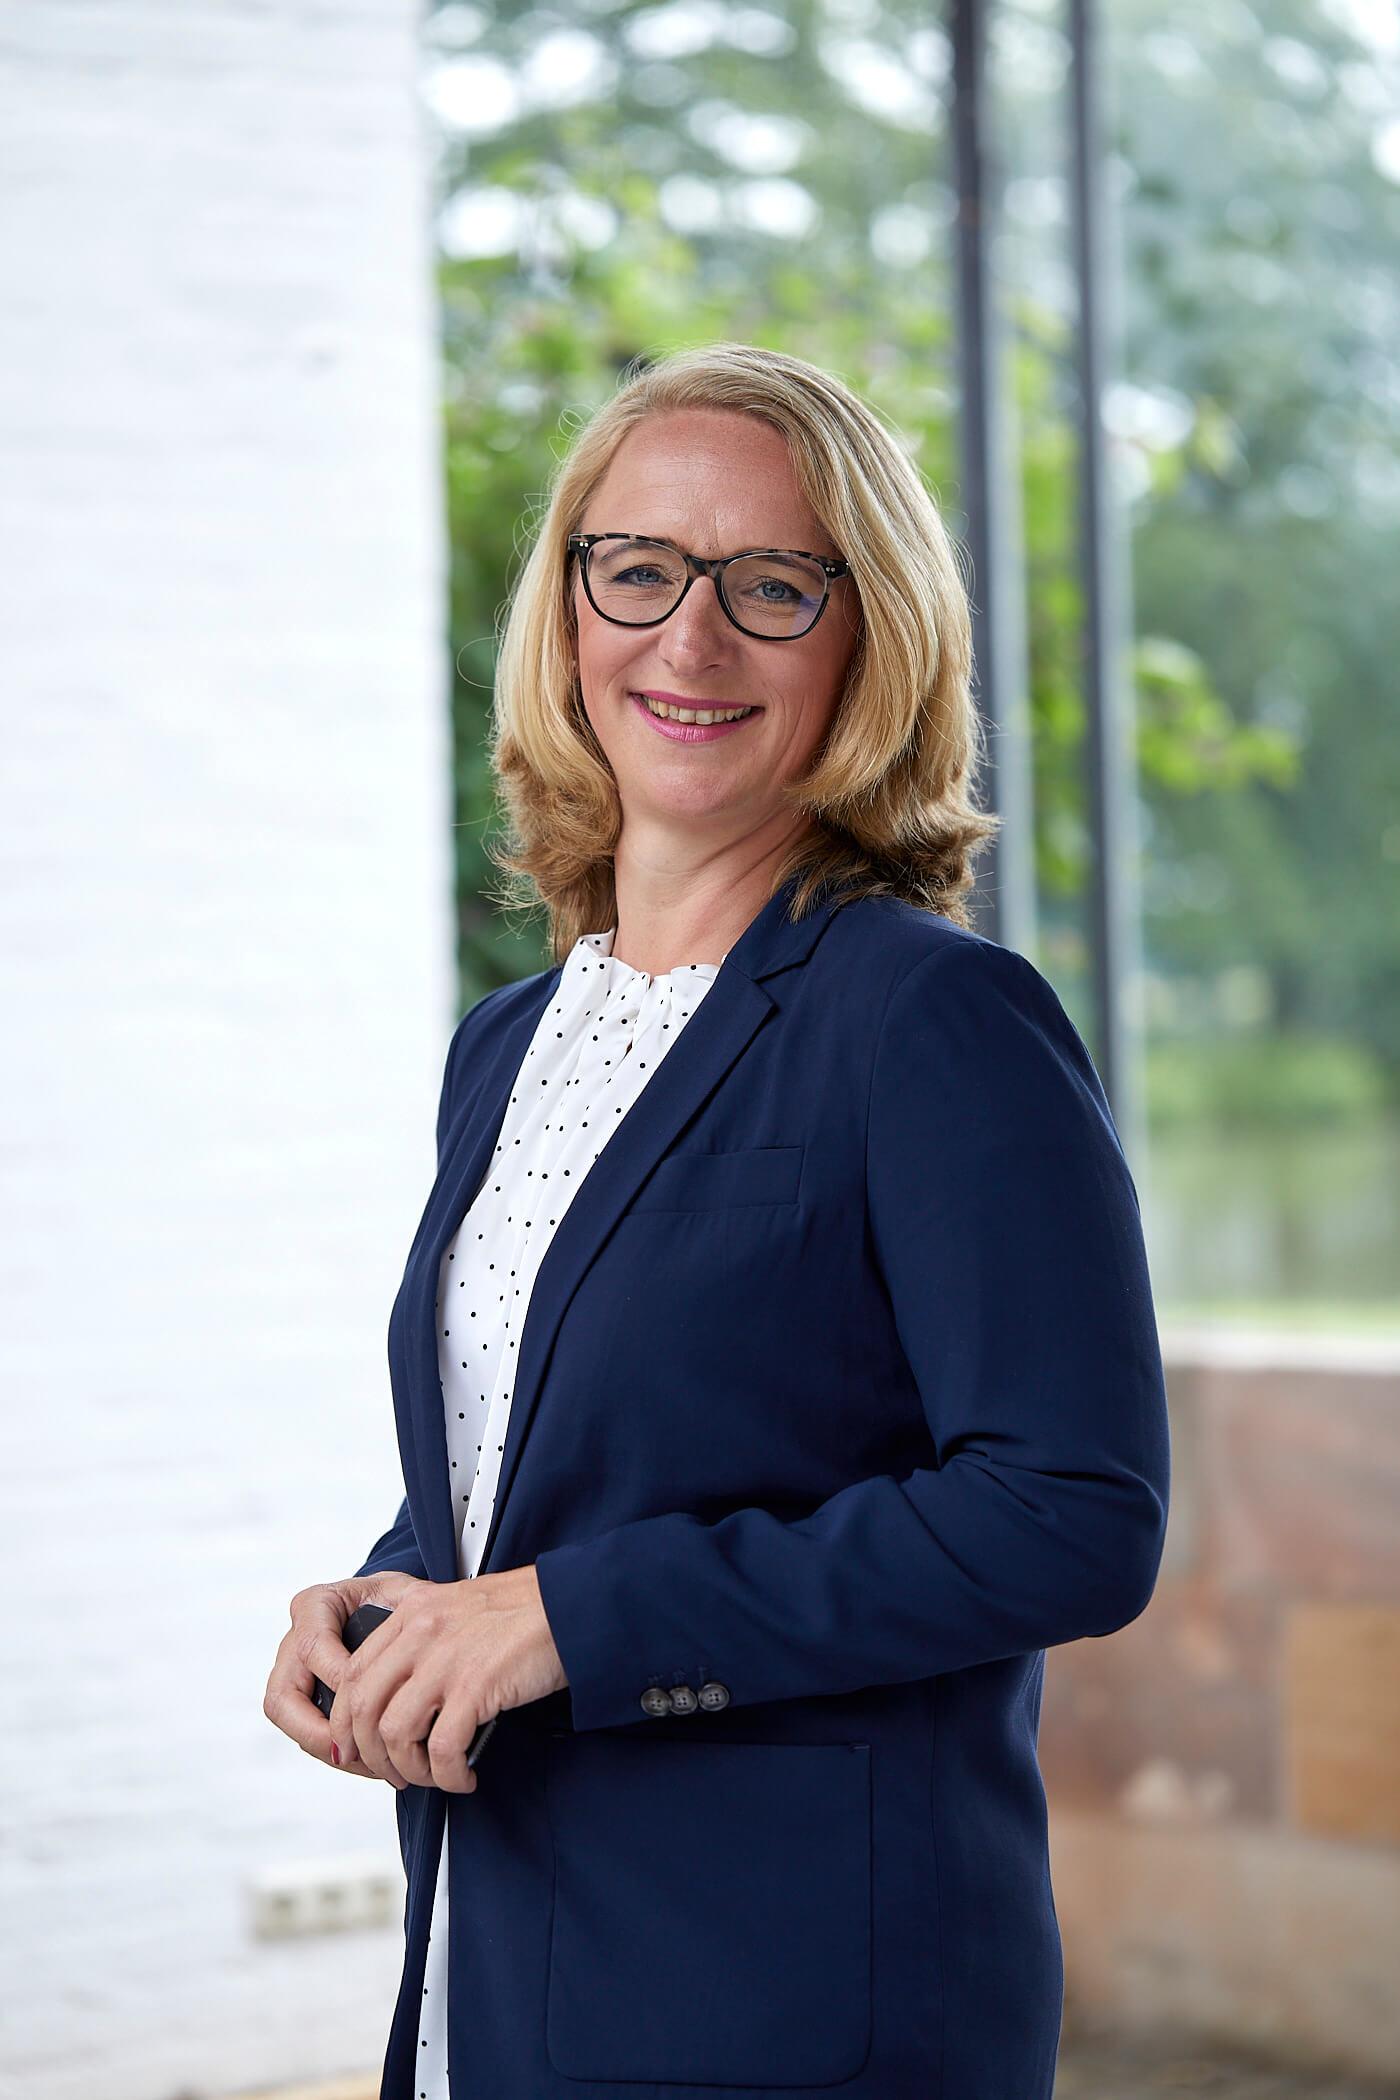 Führungskräfte-coaching, Coaching für Führungskräfte, Kathrin Nökel, Leadership Woche_Anmeldung 1